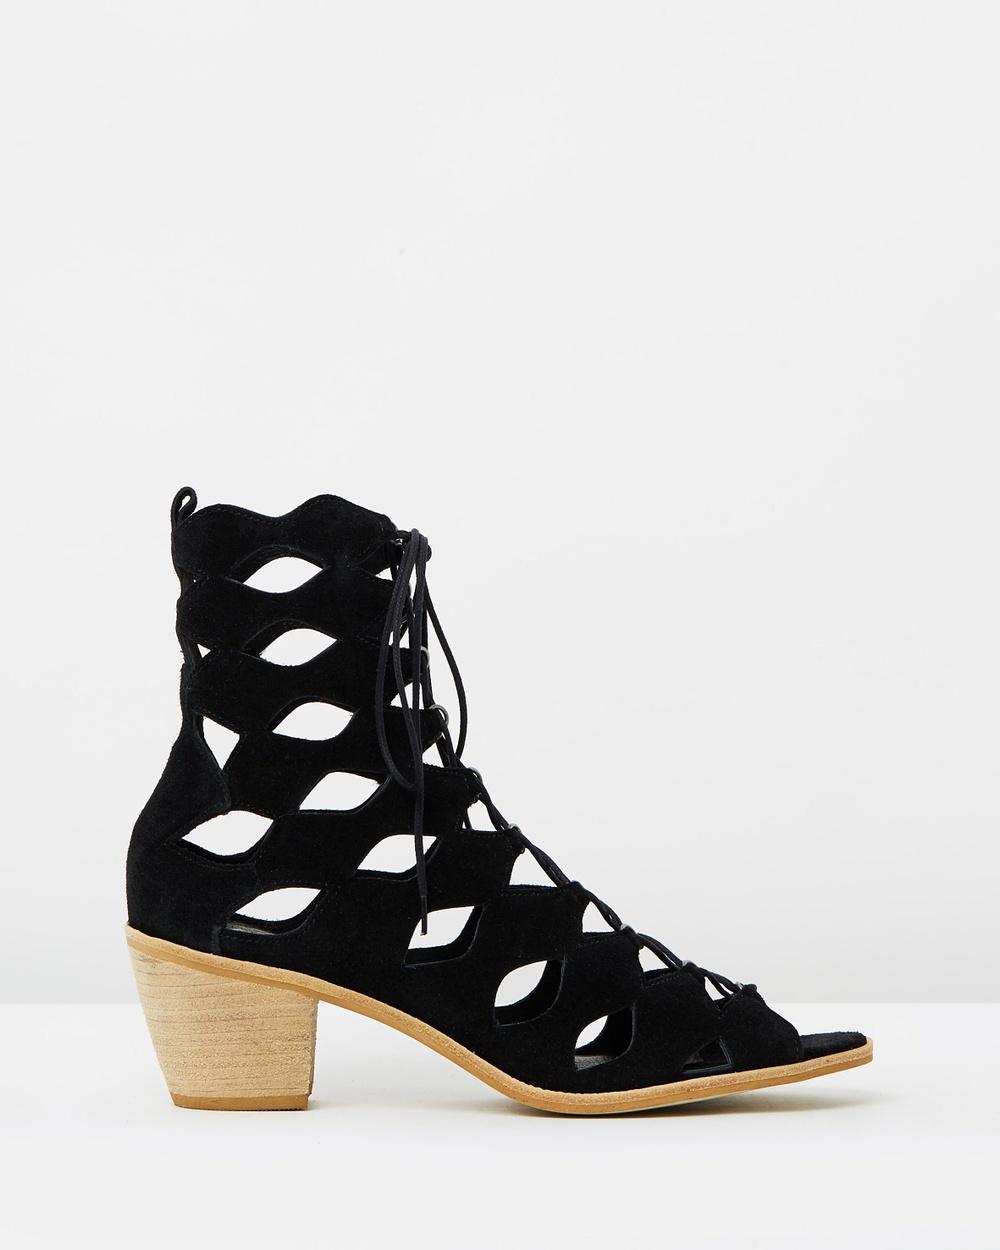 Matisse Jester Mid-low heels Black Suede Jester